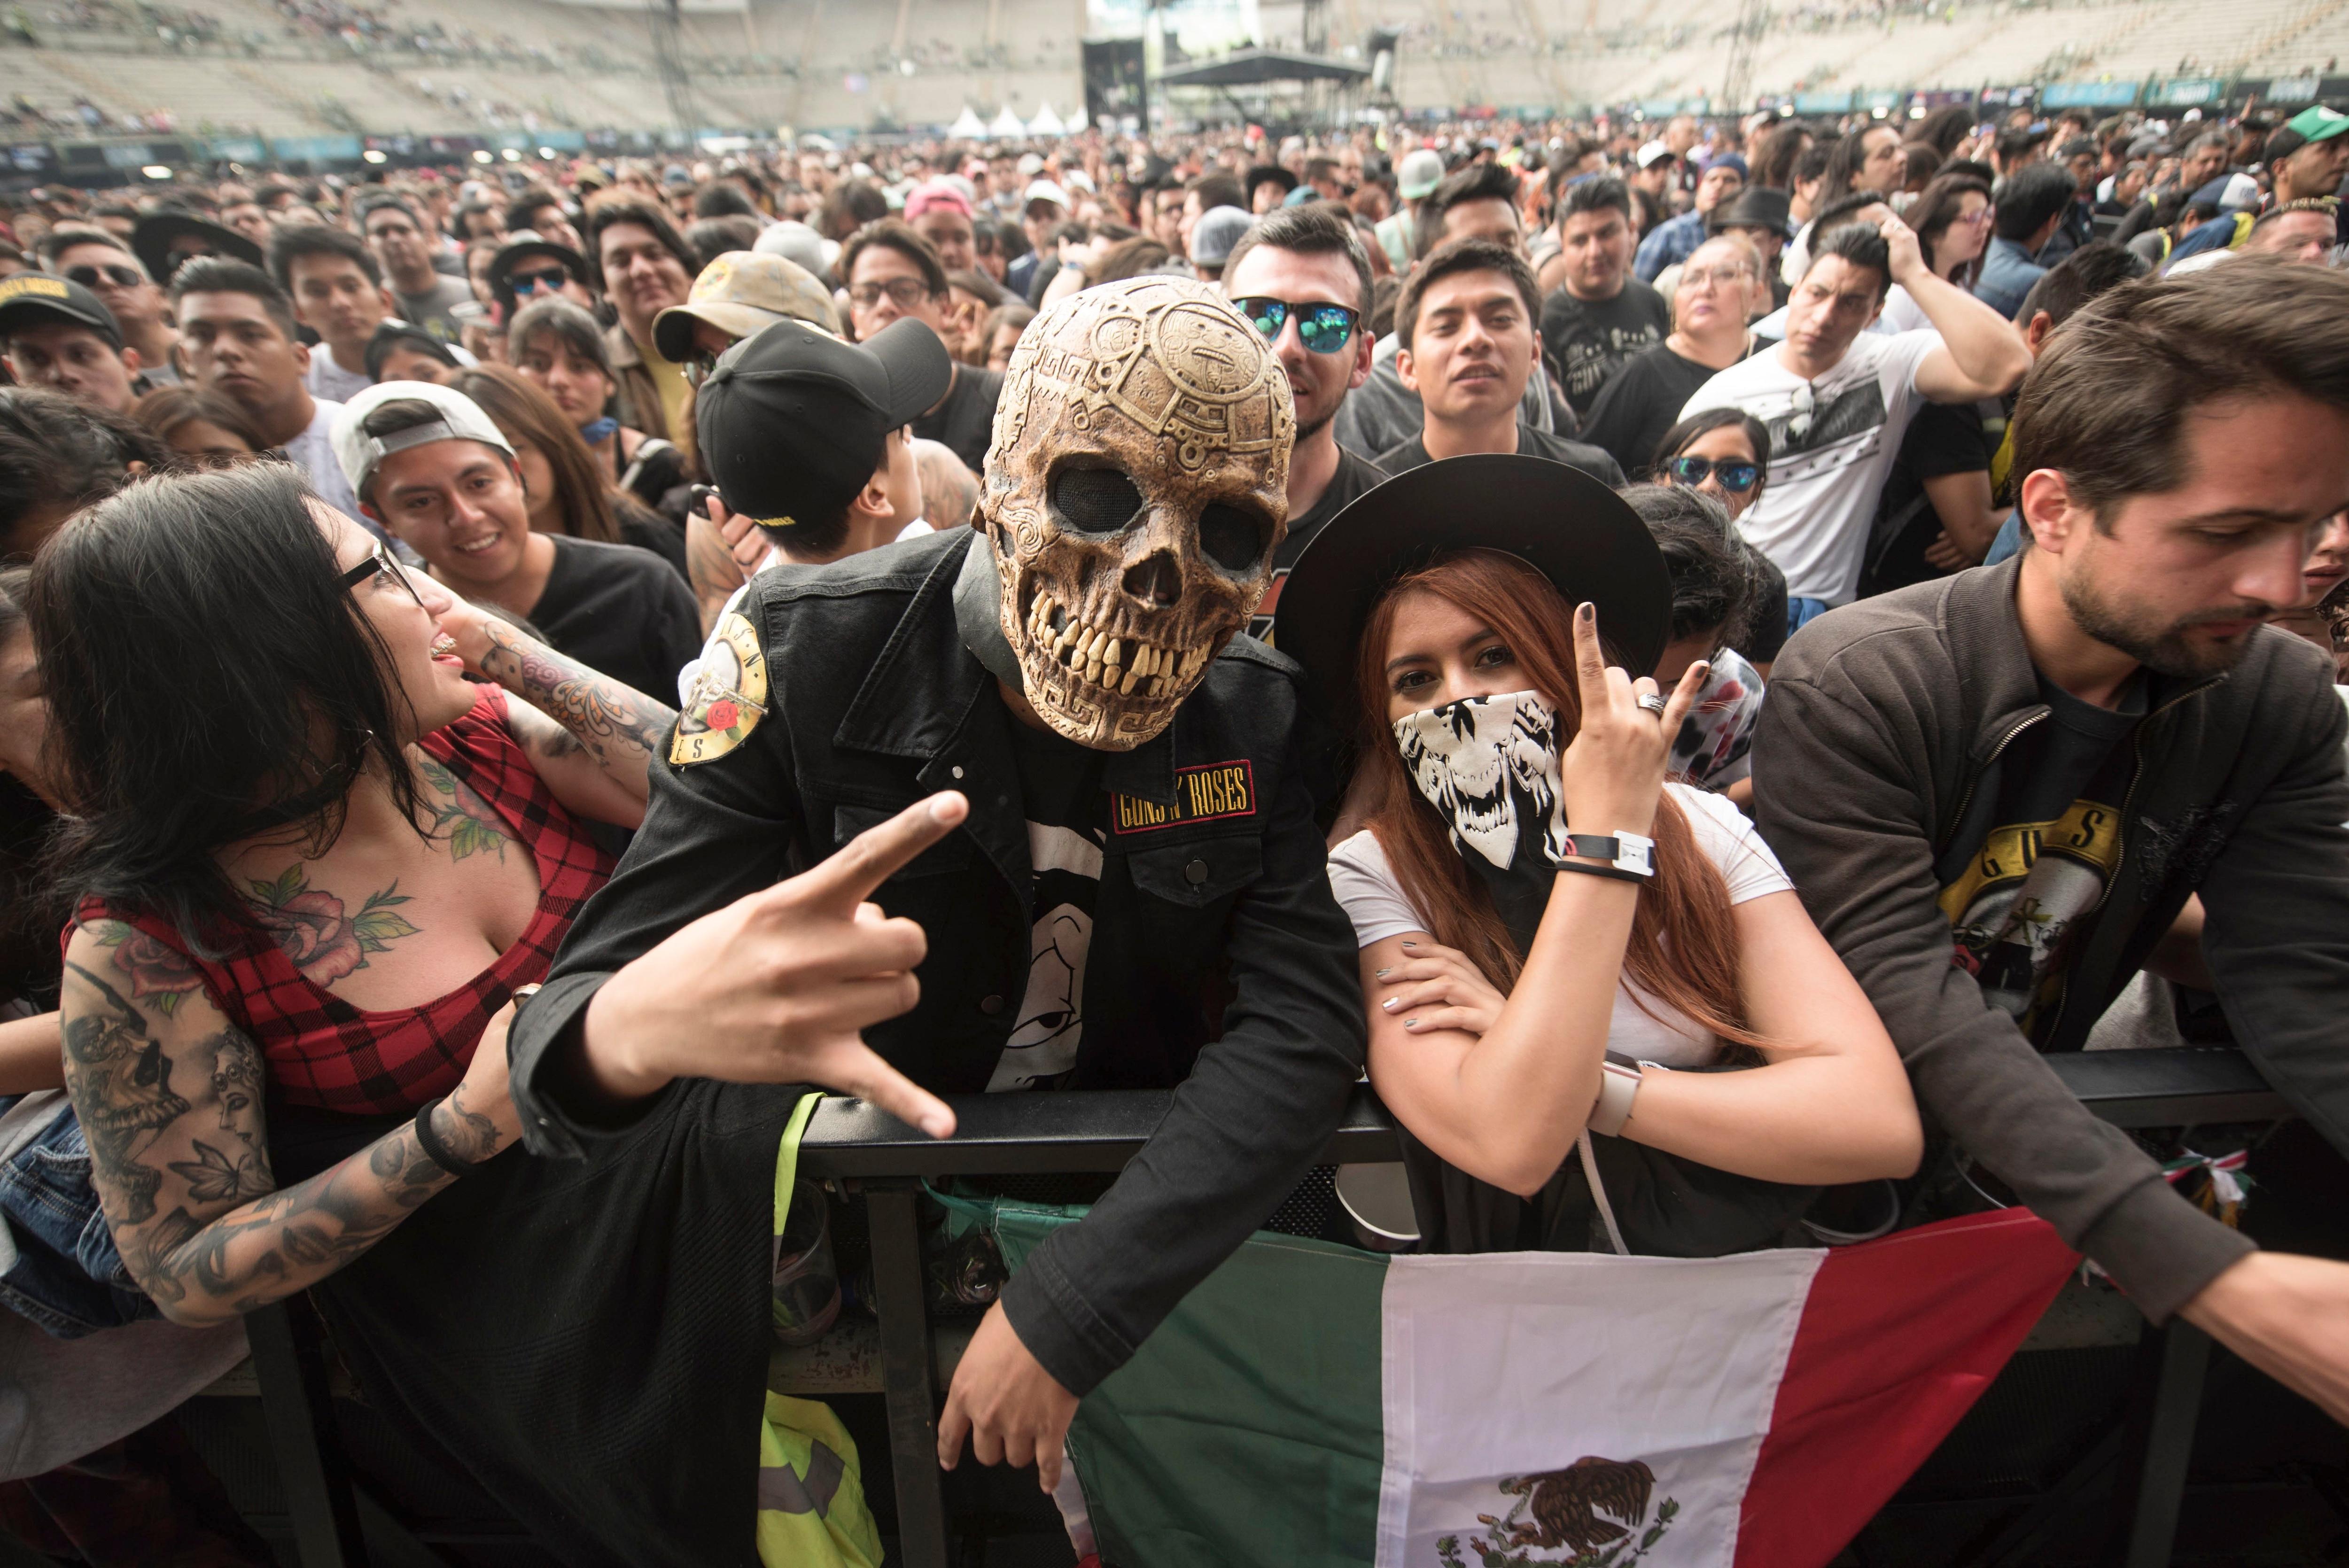 El Festival Iberoamericano de Cultura Musical Vive Latino comenzó a lanzar pistas de su próximo cartel para la edición 2022 (Photo by Alejandro MELENDEZ / AFP)